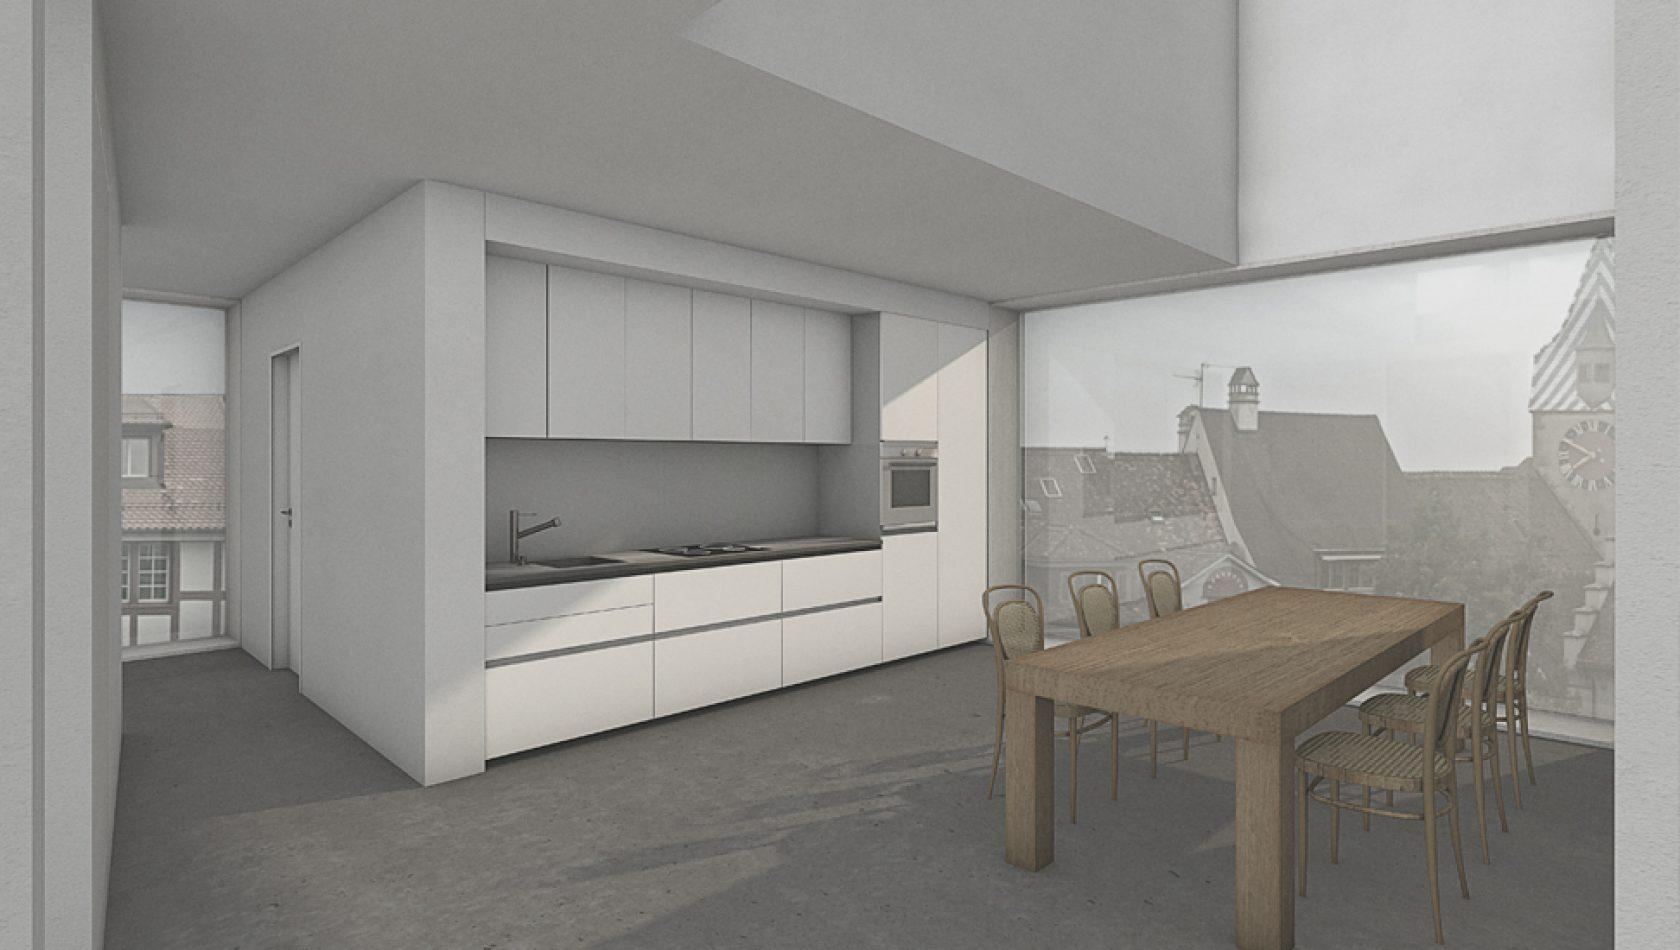 Gerome, Kolinplatz, Zug - Visualisierung by MANTEL Architects